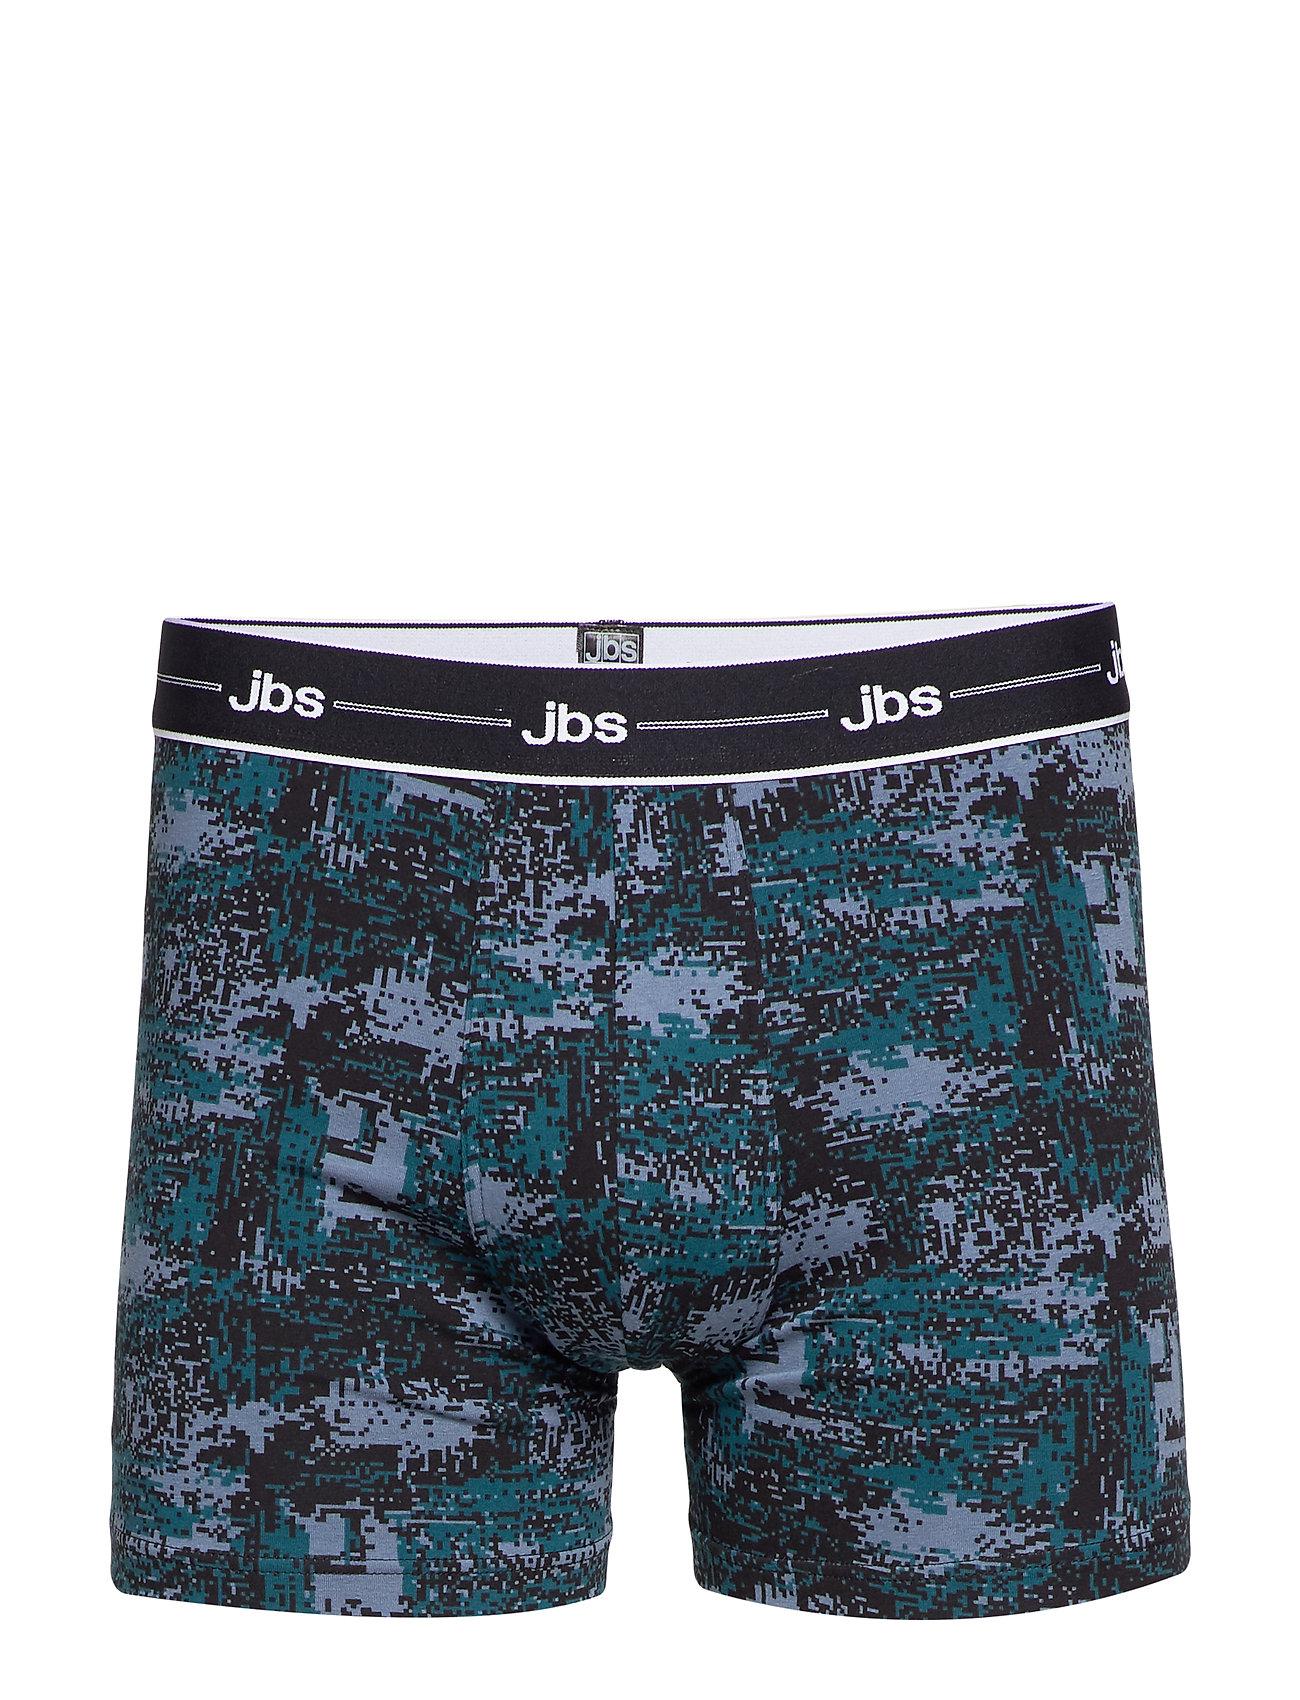 JBS JBS tights - BLUE MIX